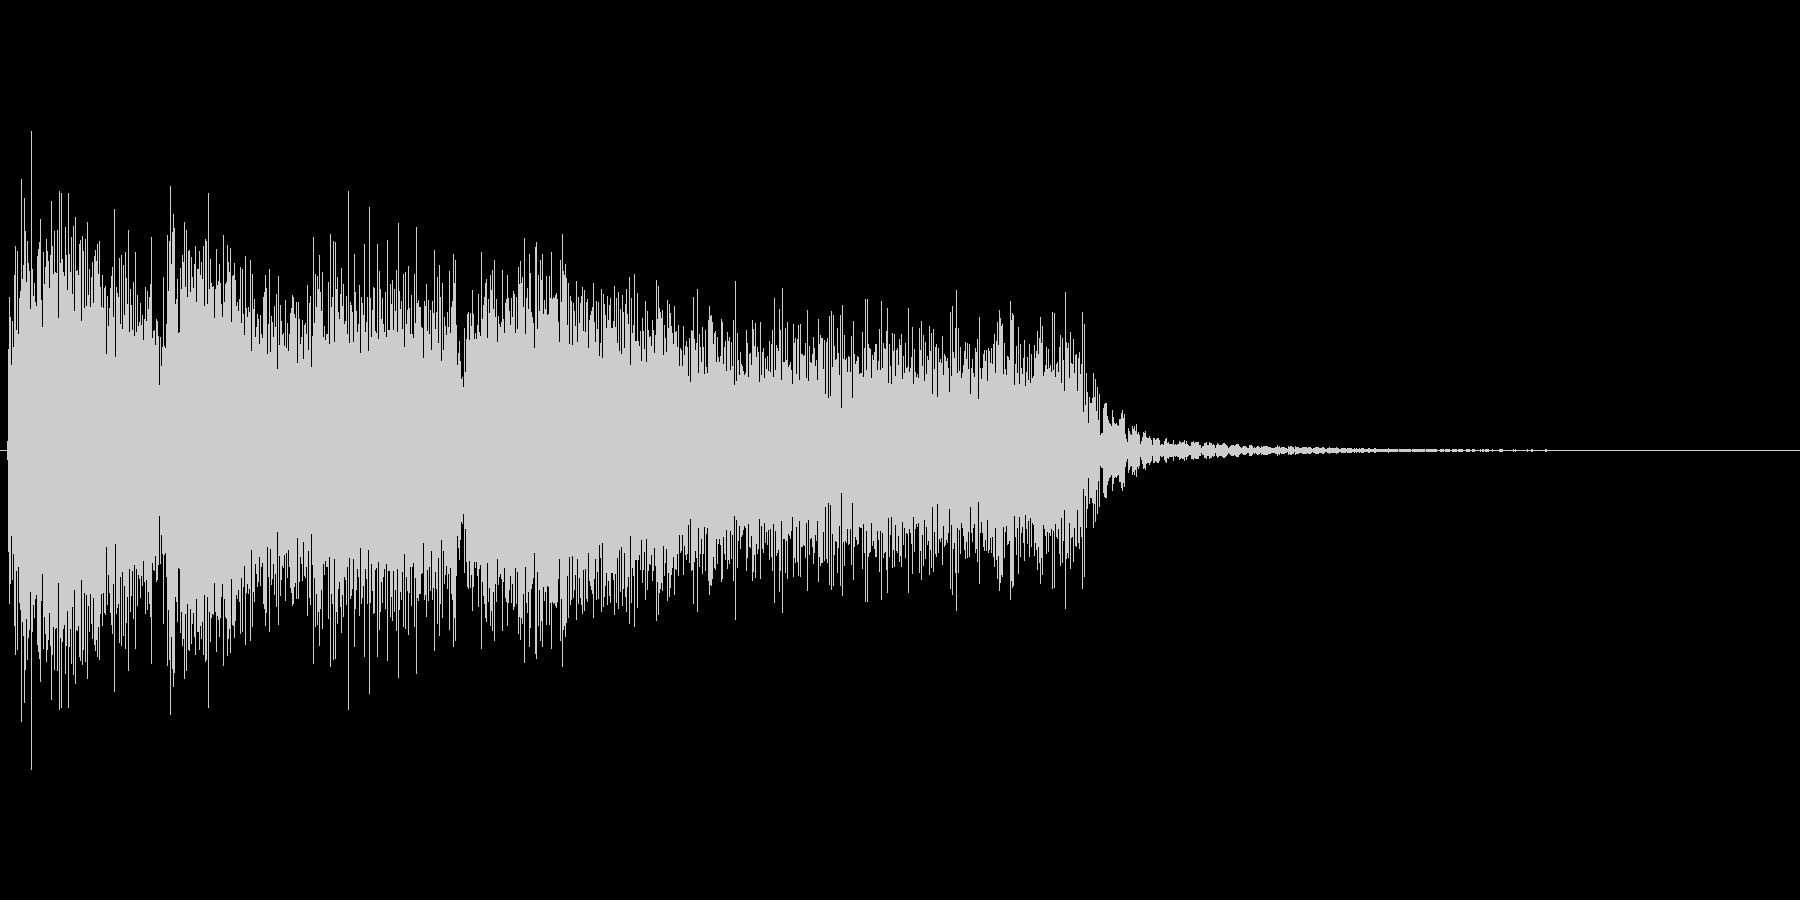 デーレーレーレー(残念、不正解、没収)の未再生の波形